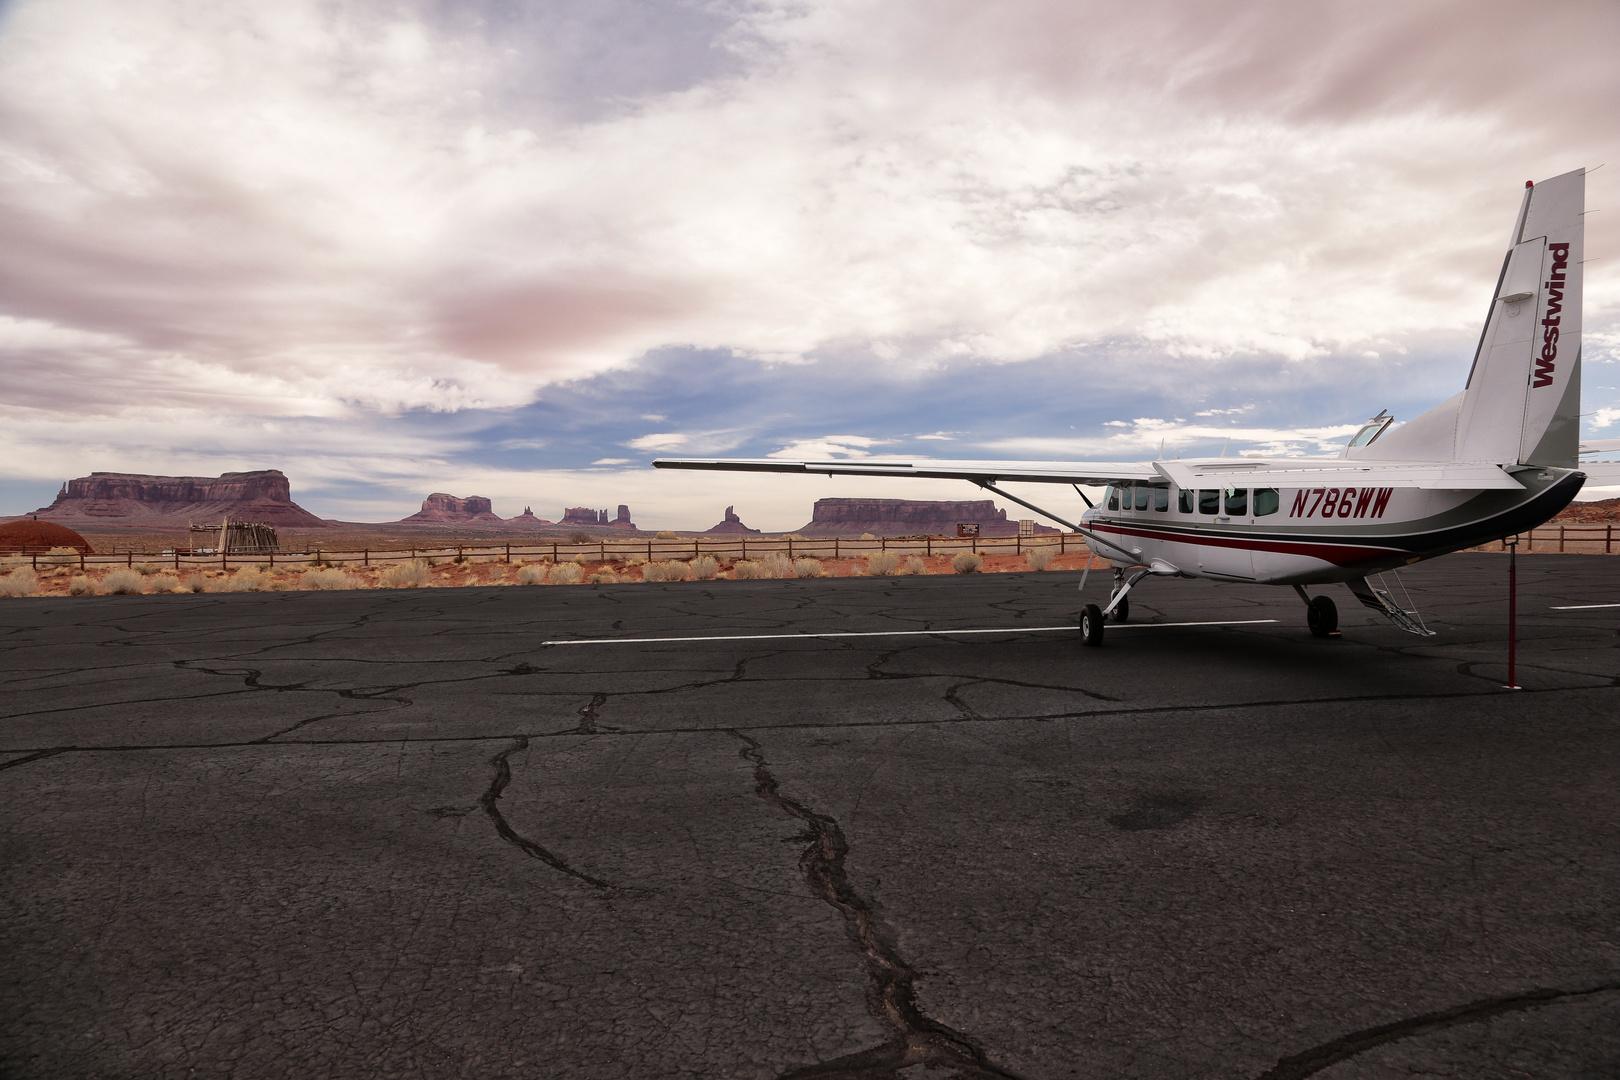 flieger im indianerland